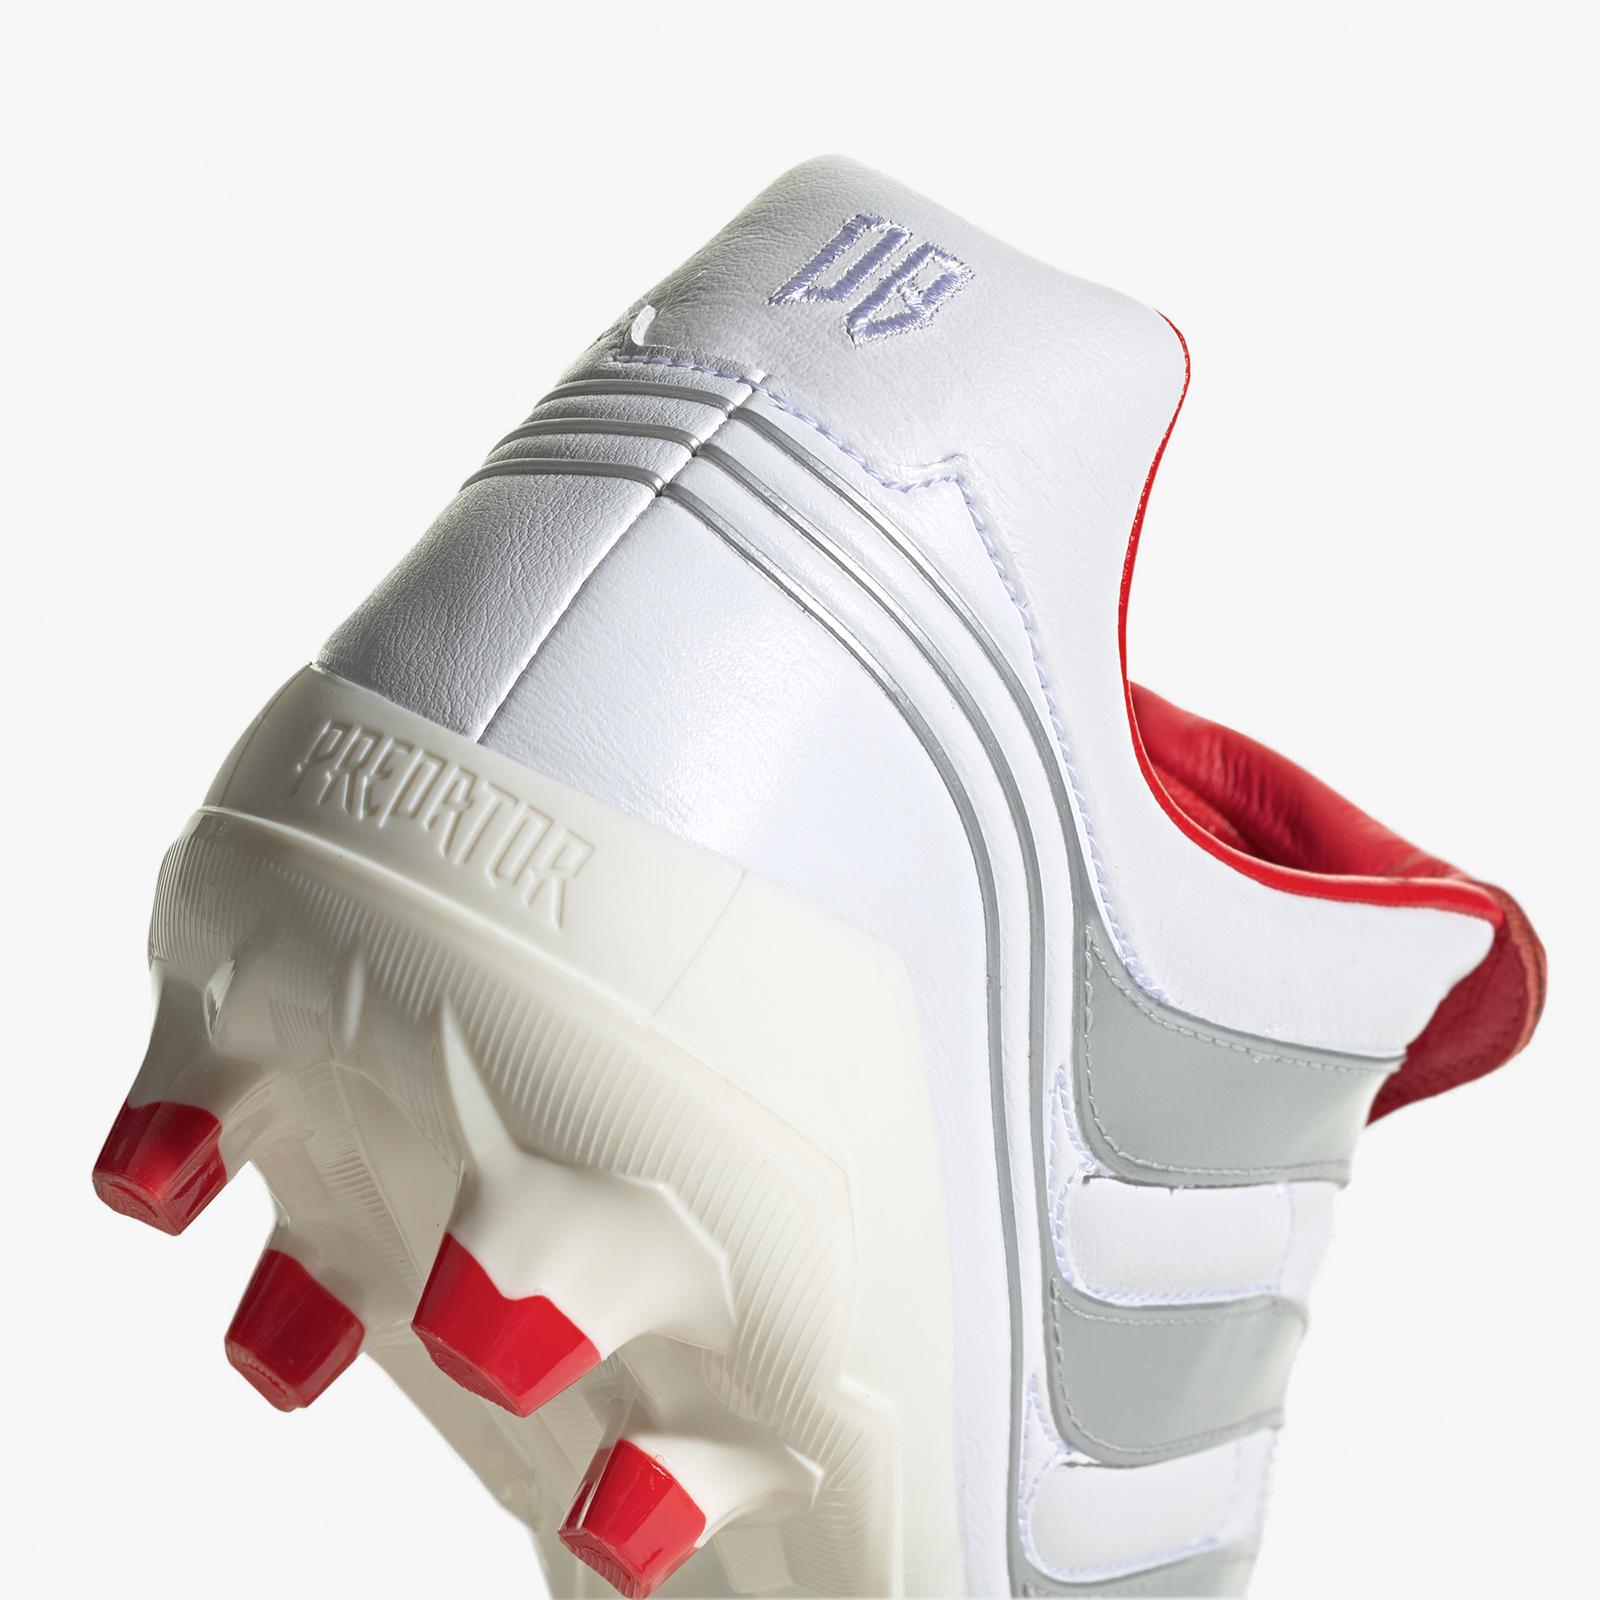 adidas launch Predator Precision Ultra Boost |